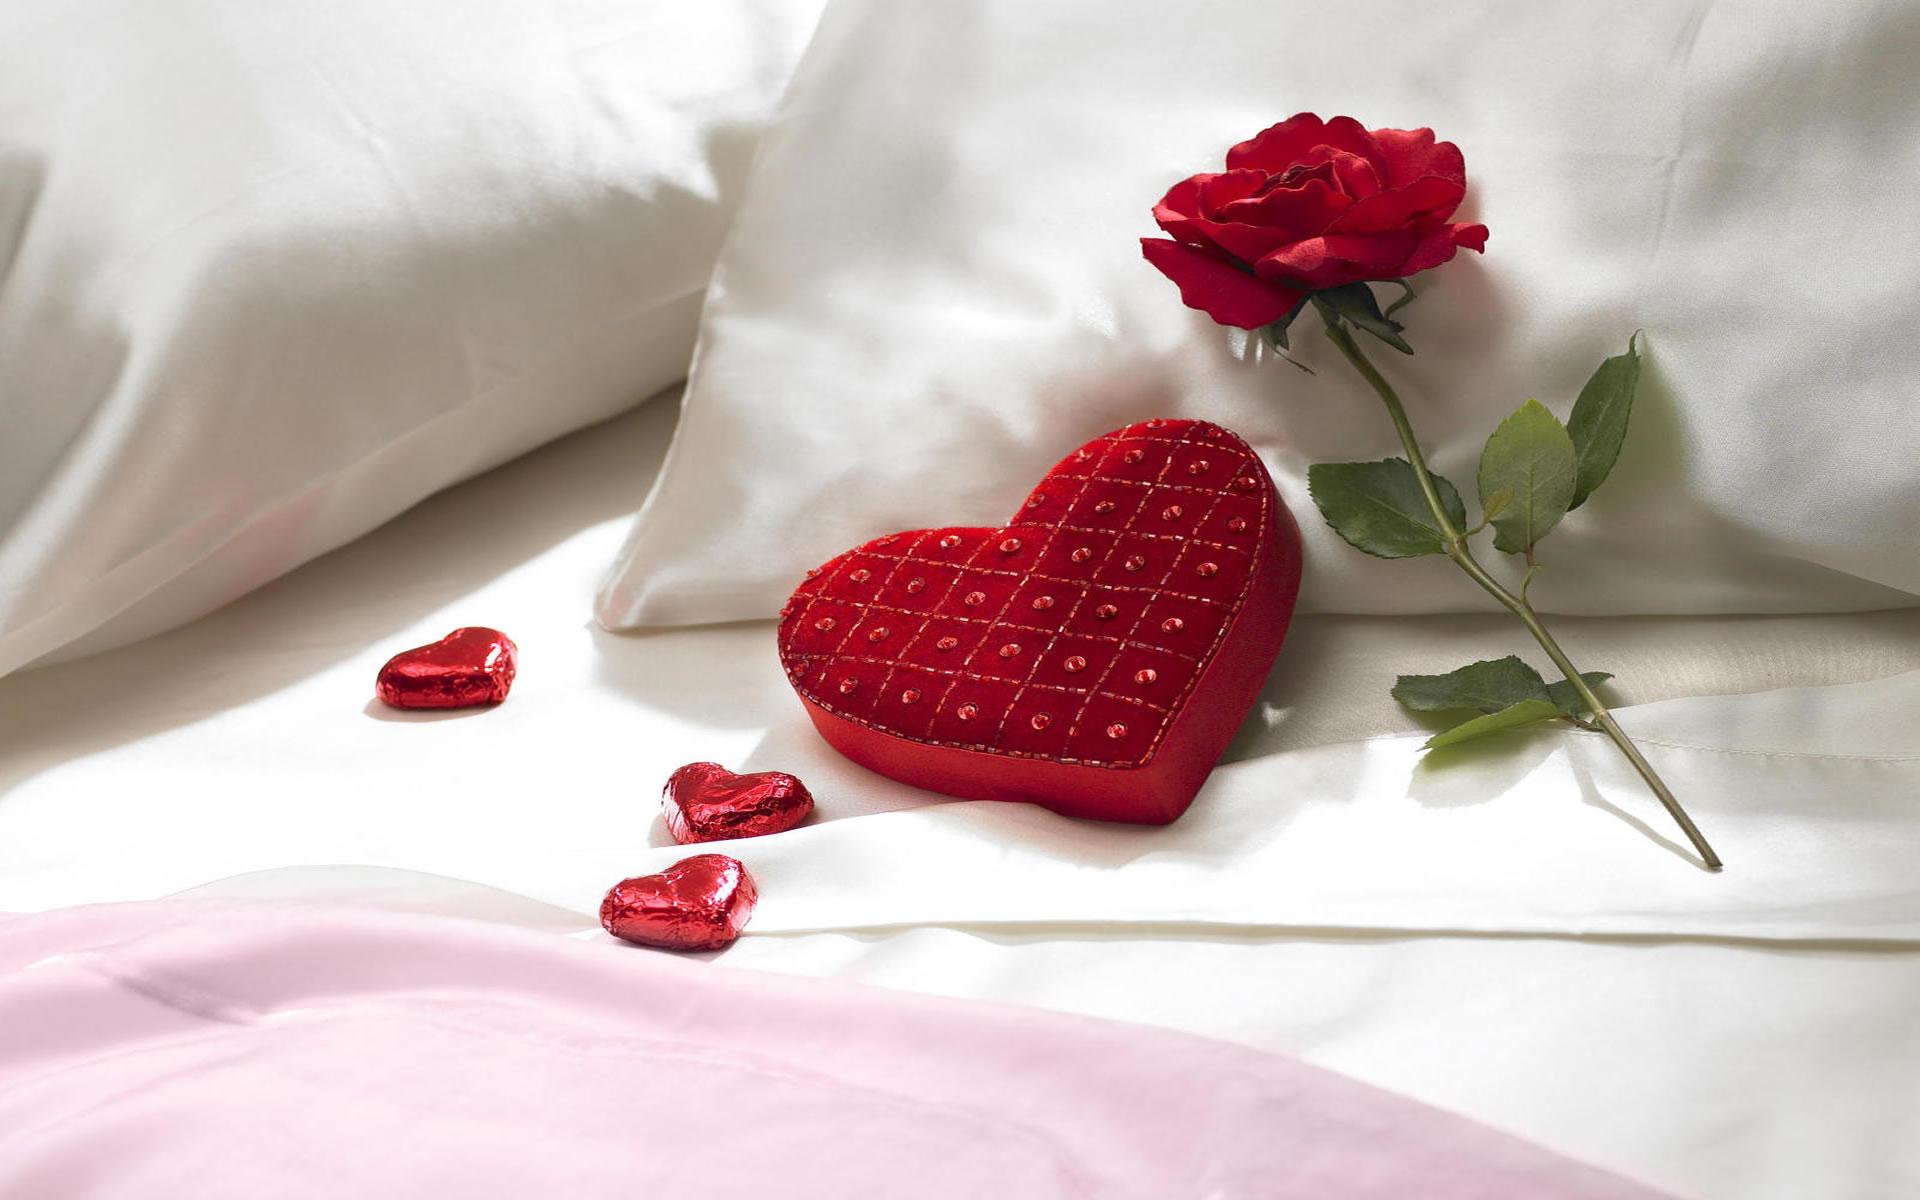 Wallpaper San Valentin hd